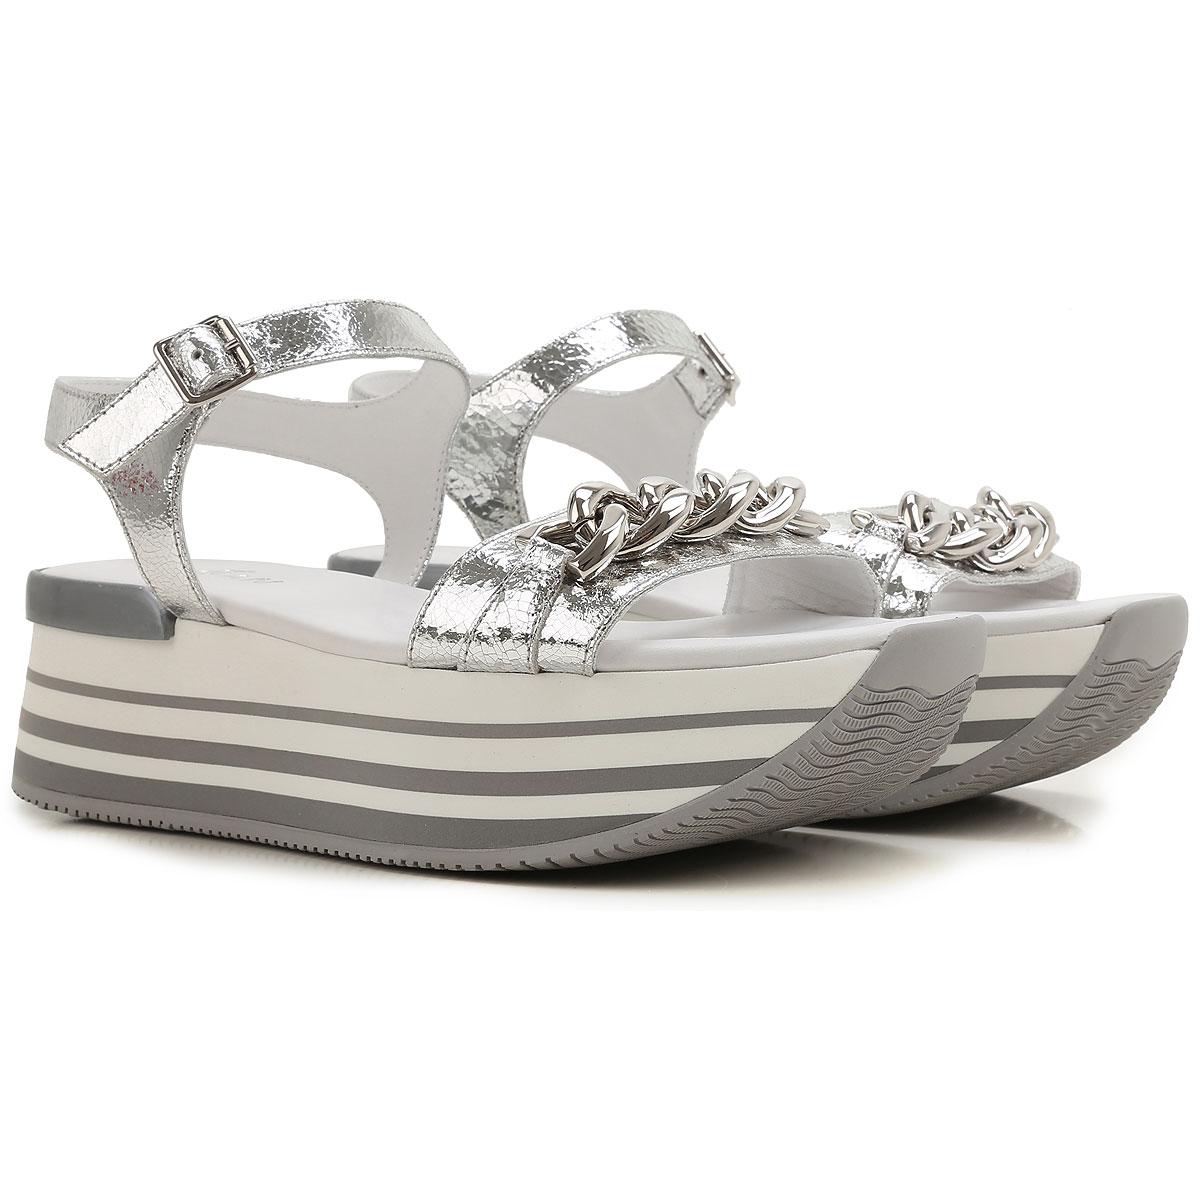 Womens Shoes Hogan Style code hxw2940y060ffkb200 404291